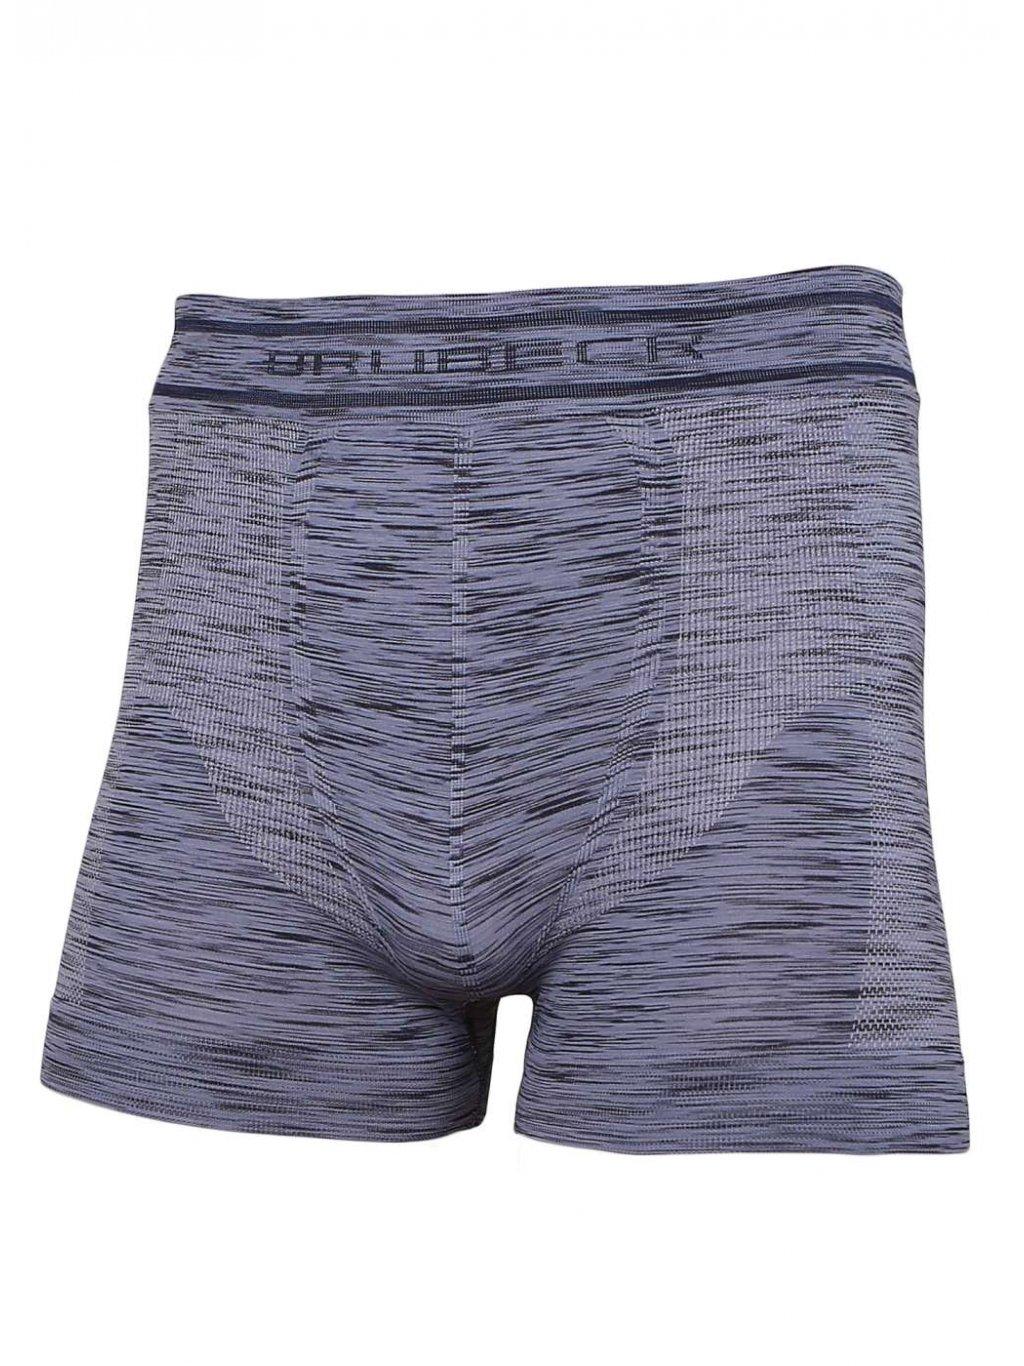 Brubeck pánské boxerky Fusion (Barva Jeansová, Velikost XXL)